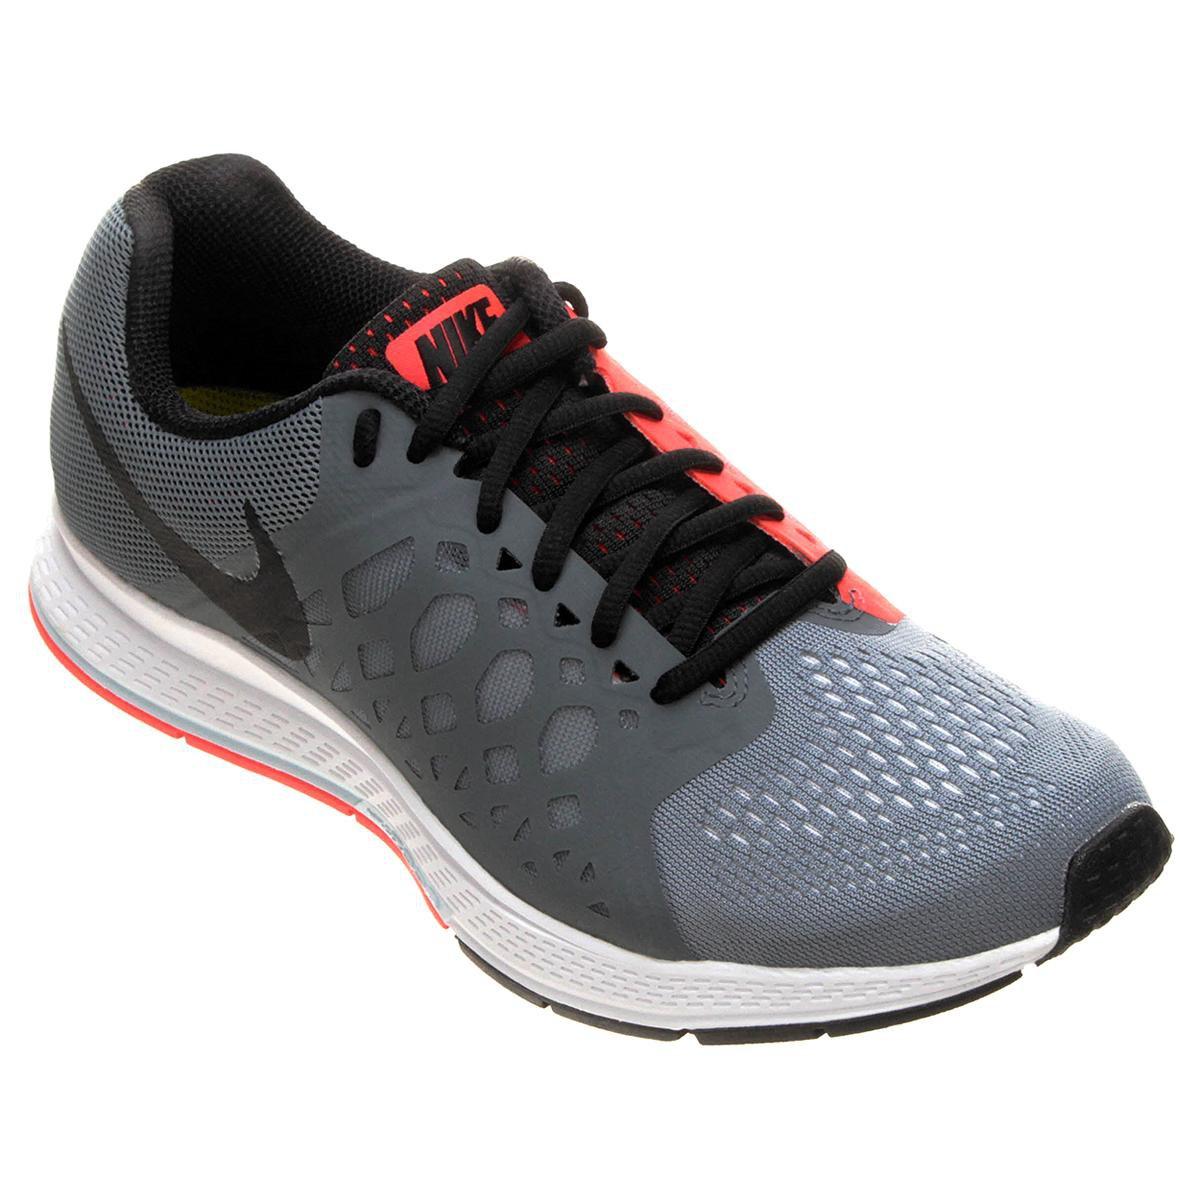 b0e14ee6678 Tênis Nike Air Pegasus 31 - Compre Agora